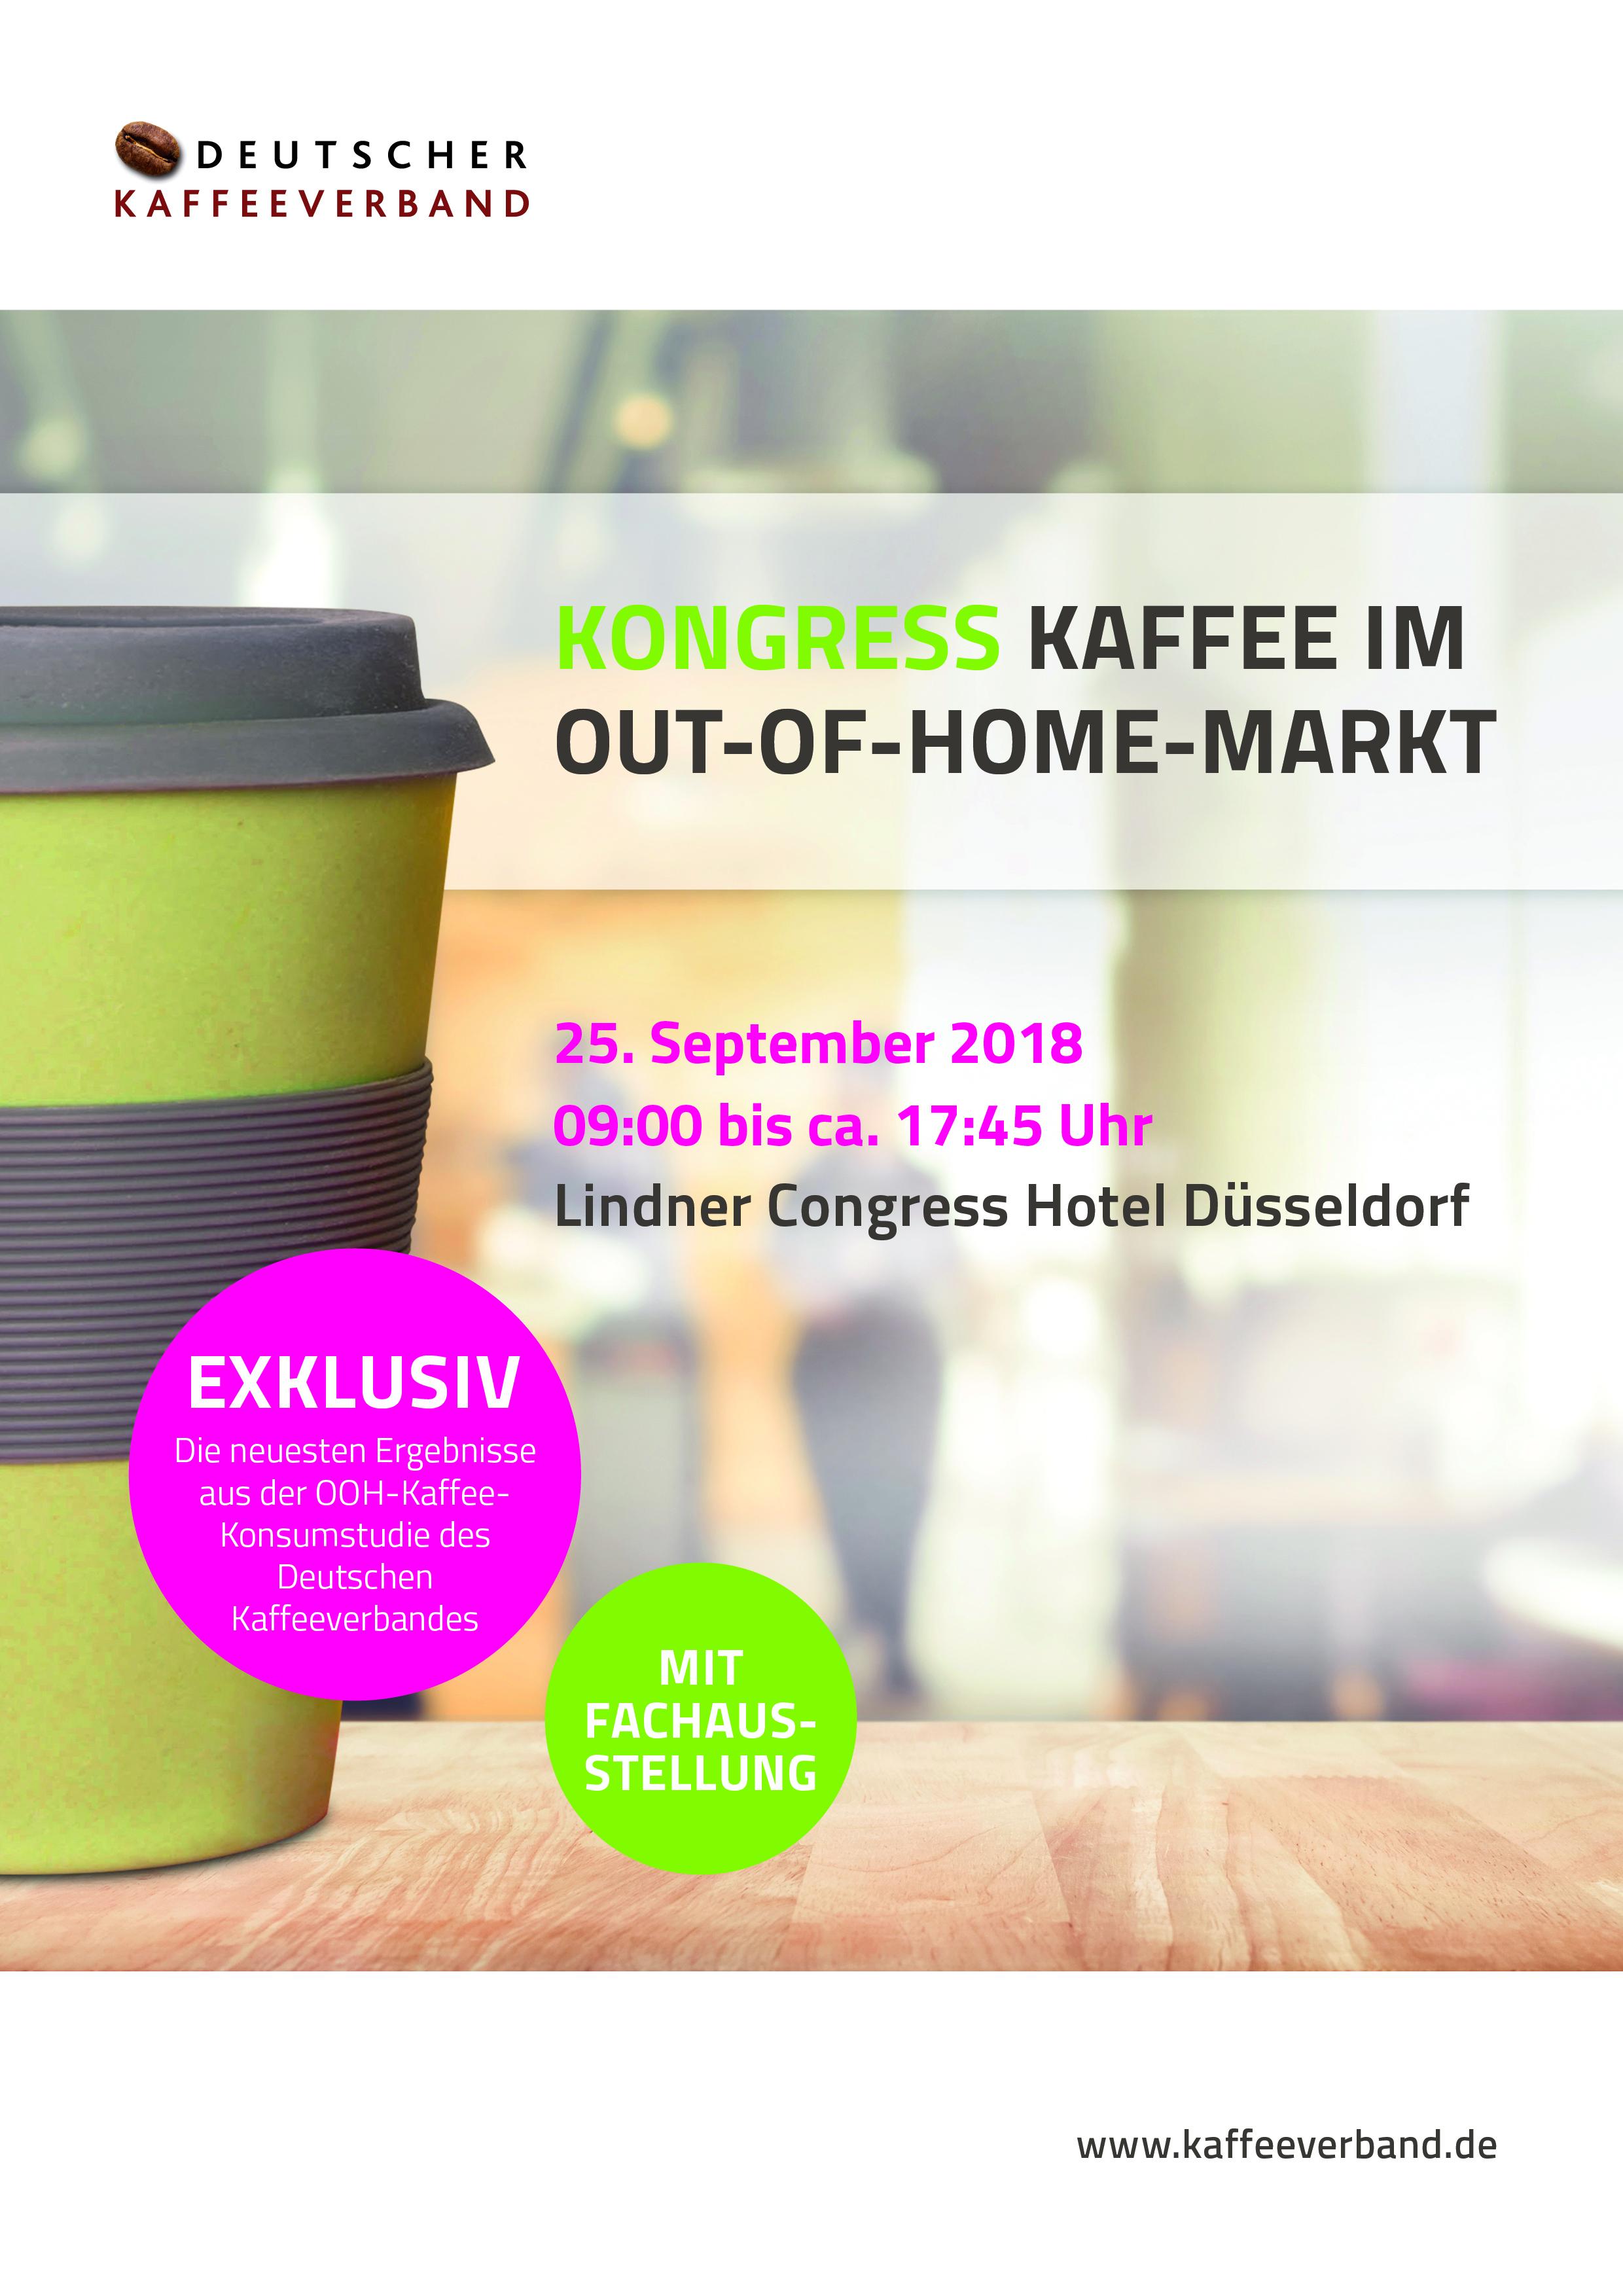 Kaffee im Außer-Haus-Markt: Zielgruppen, Trends und Potenziale